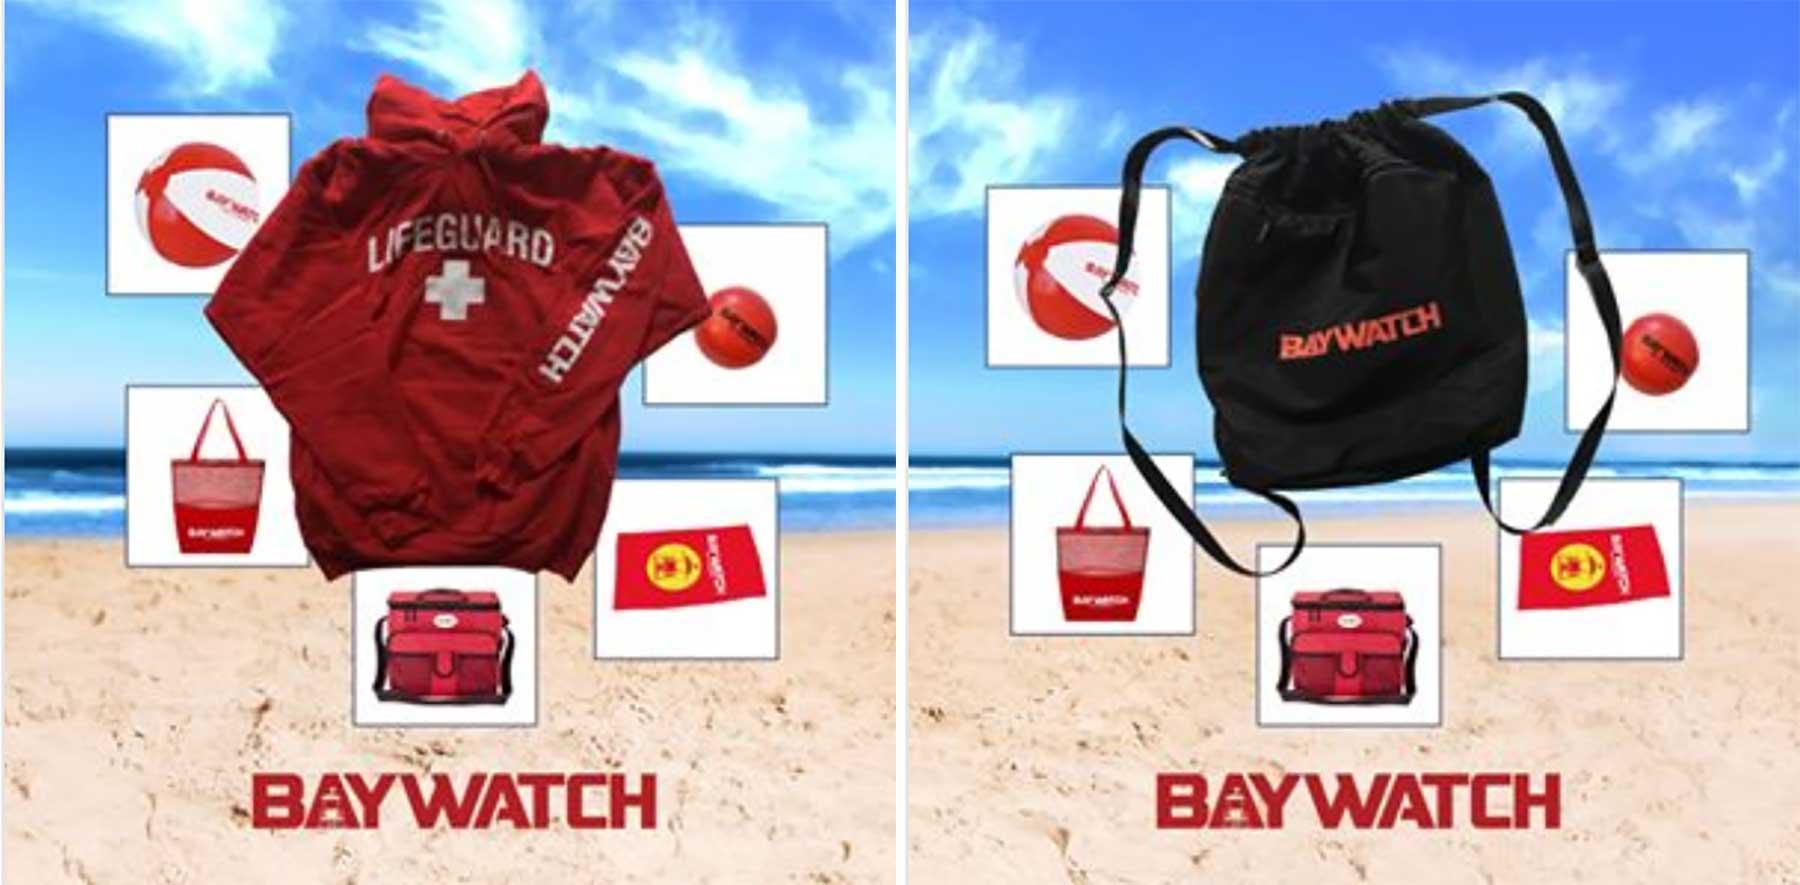 Werdet Teil des Baywatch-Teams und gewinnt coole Fanpakete baywatch-crew_03